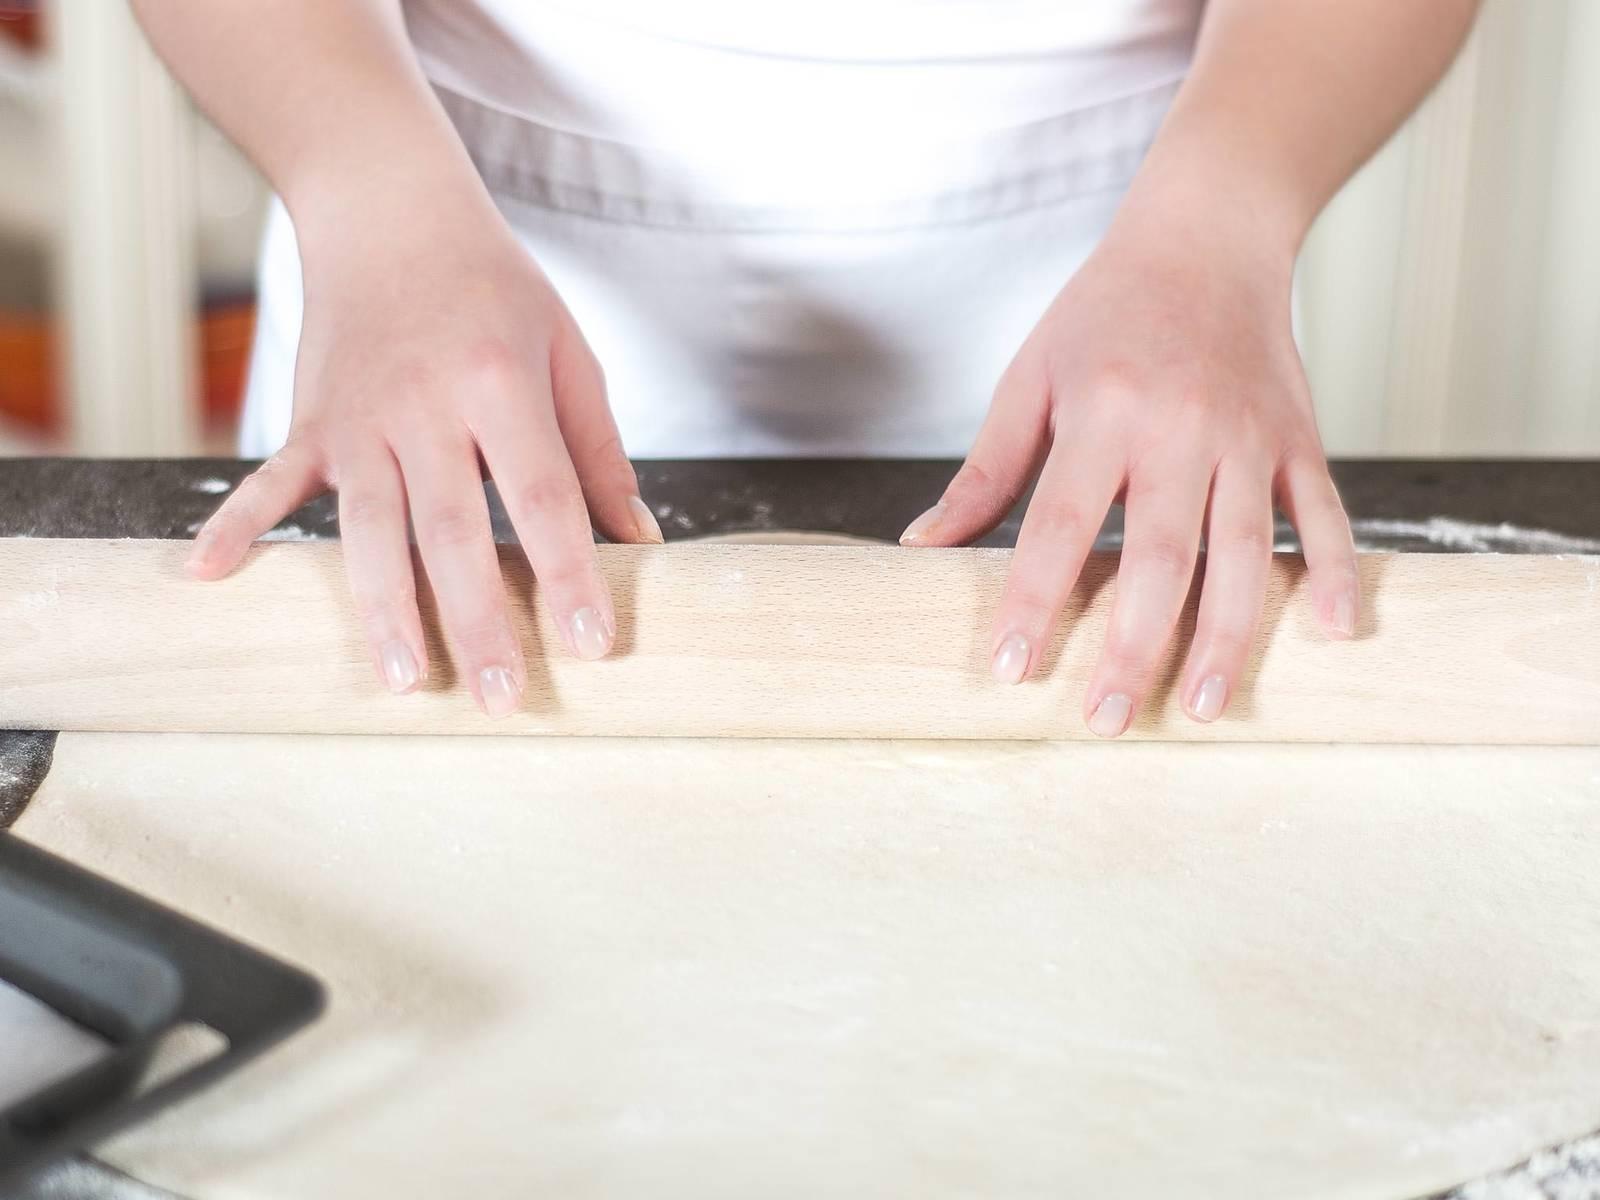 Backofen auf 180°C vorheizen. Anschließend den Teig dünn ausrollen (ca. 0,5 cm) und auf ein mit Backpapier ausgelegtes Backblech geben.